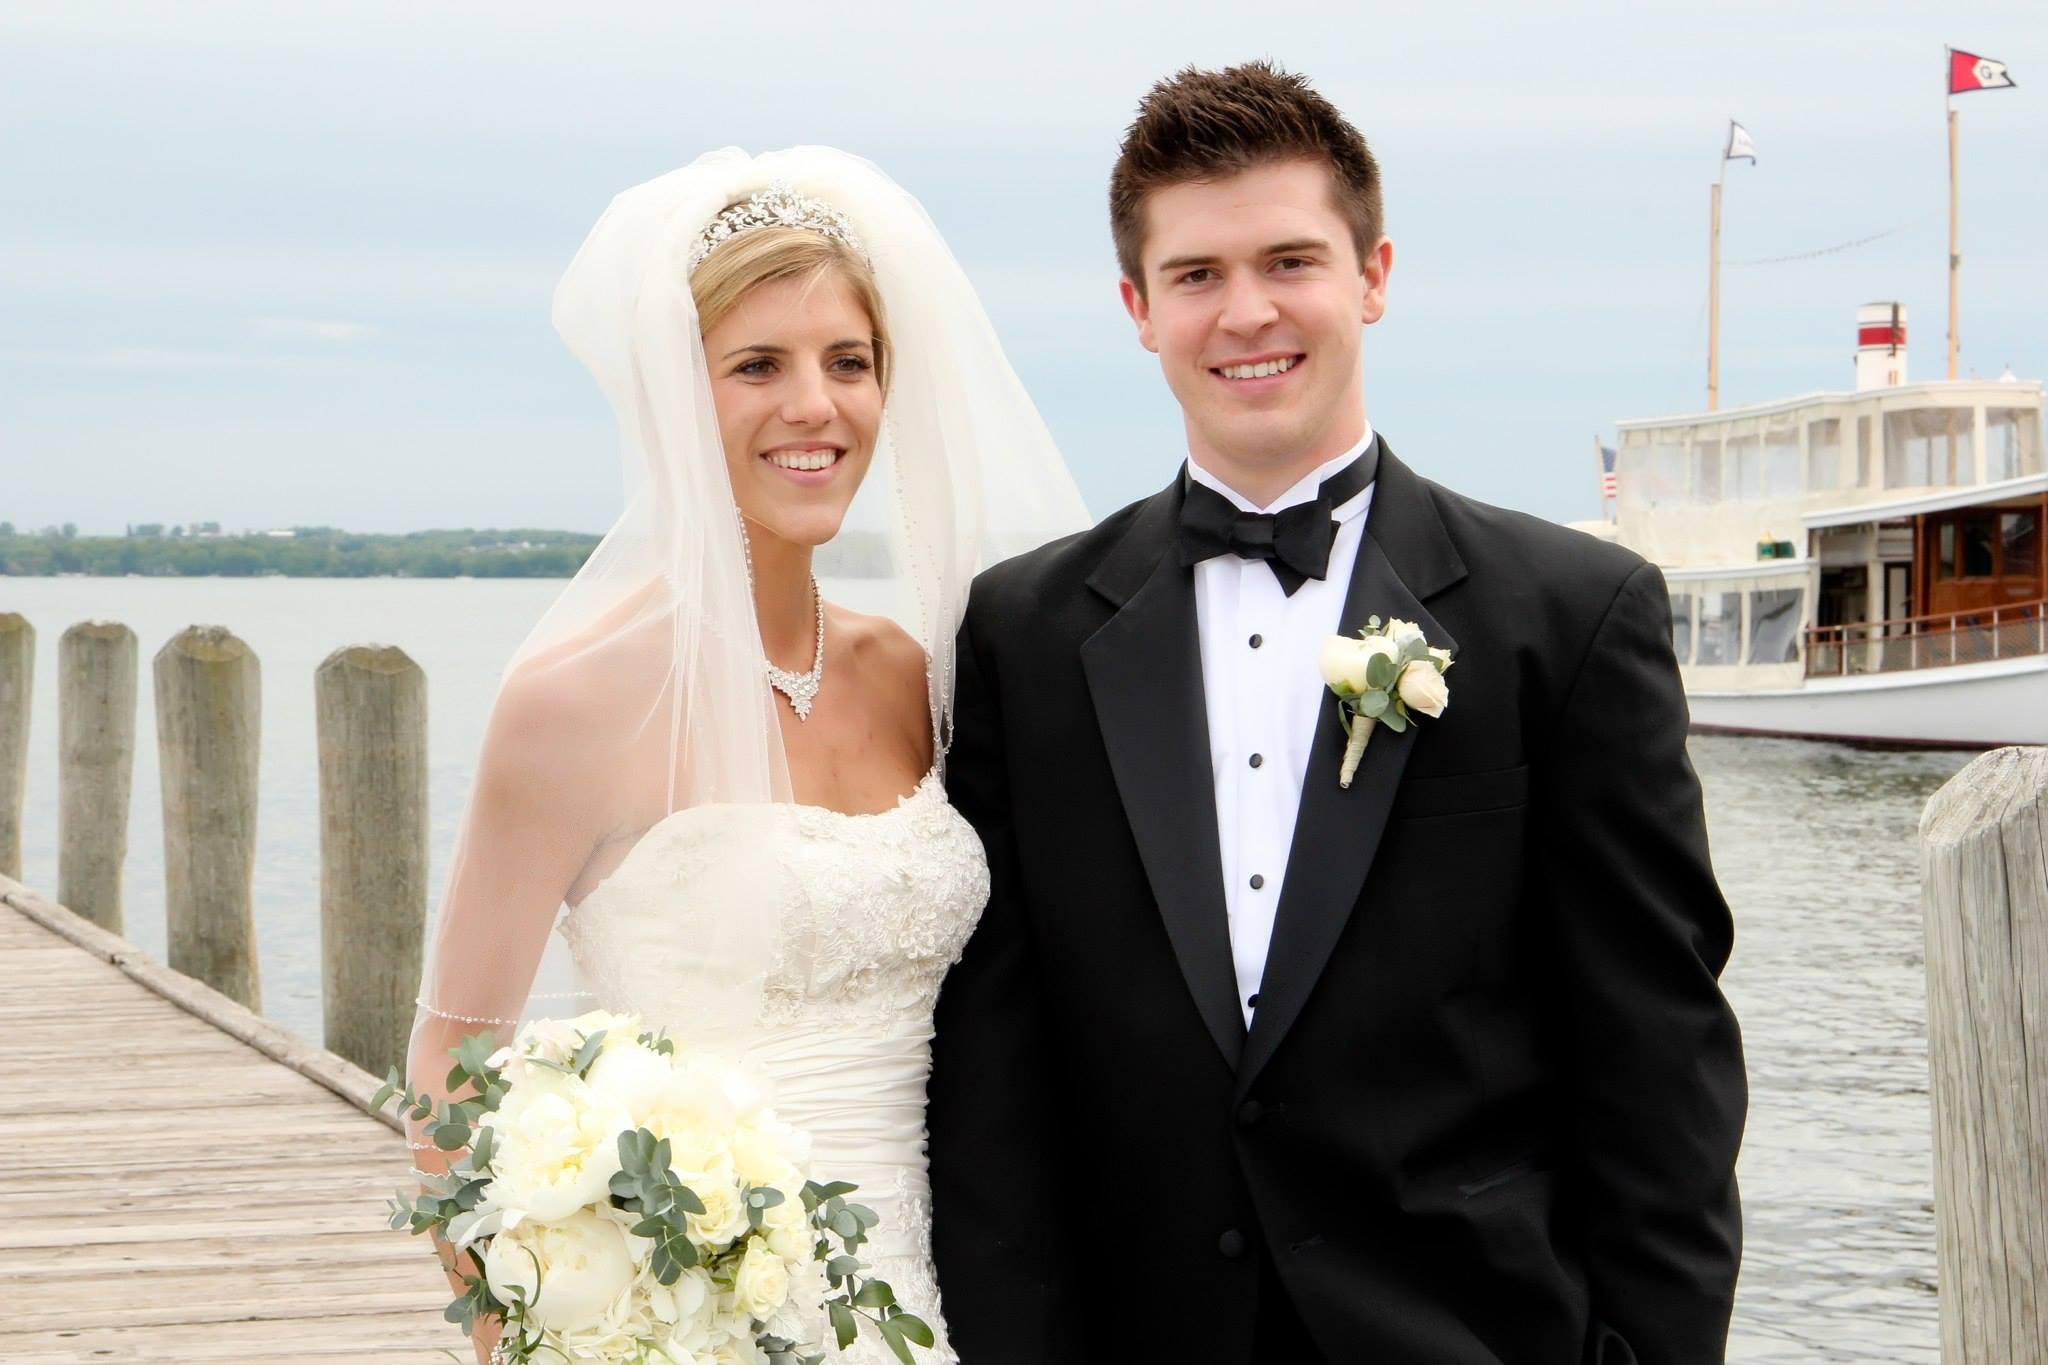 Female led mariage